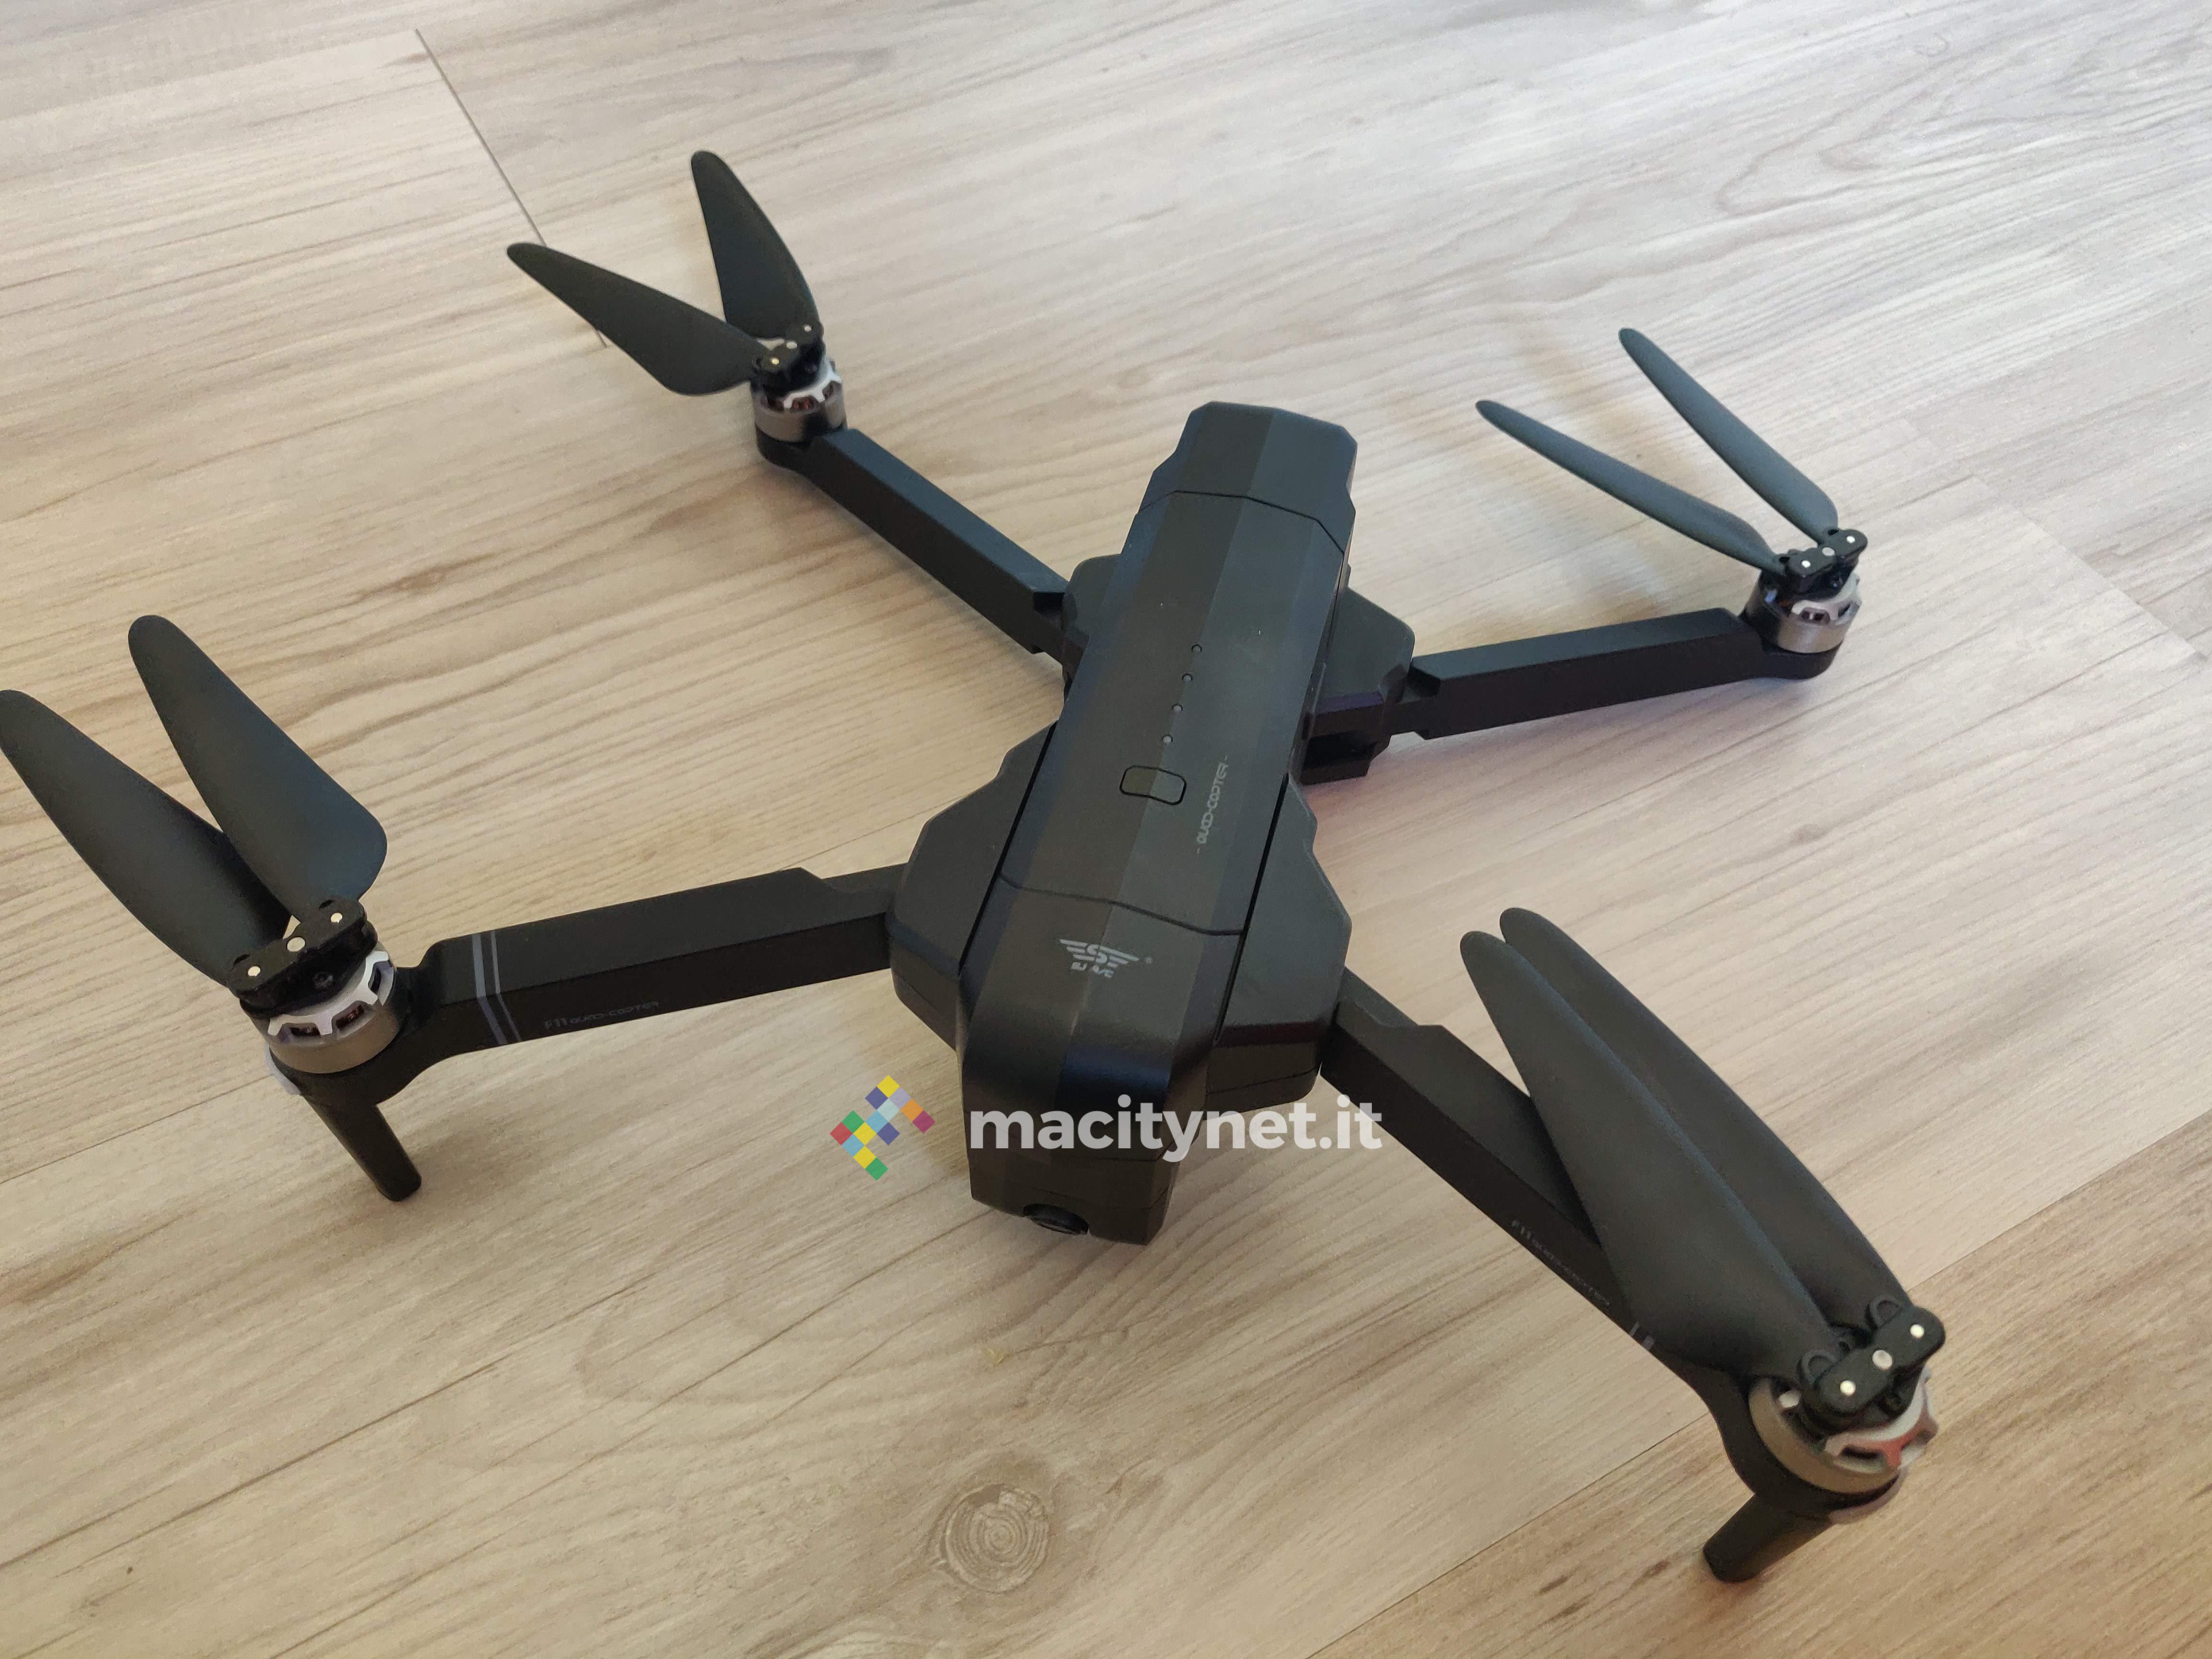 Recensione SJRC F11, il drone pieghevole che si crede un Mavic Pro a un quindi del prezzo